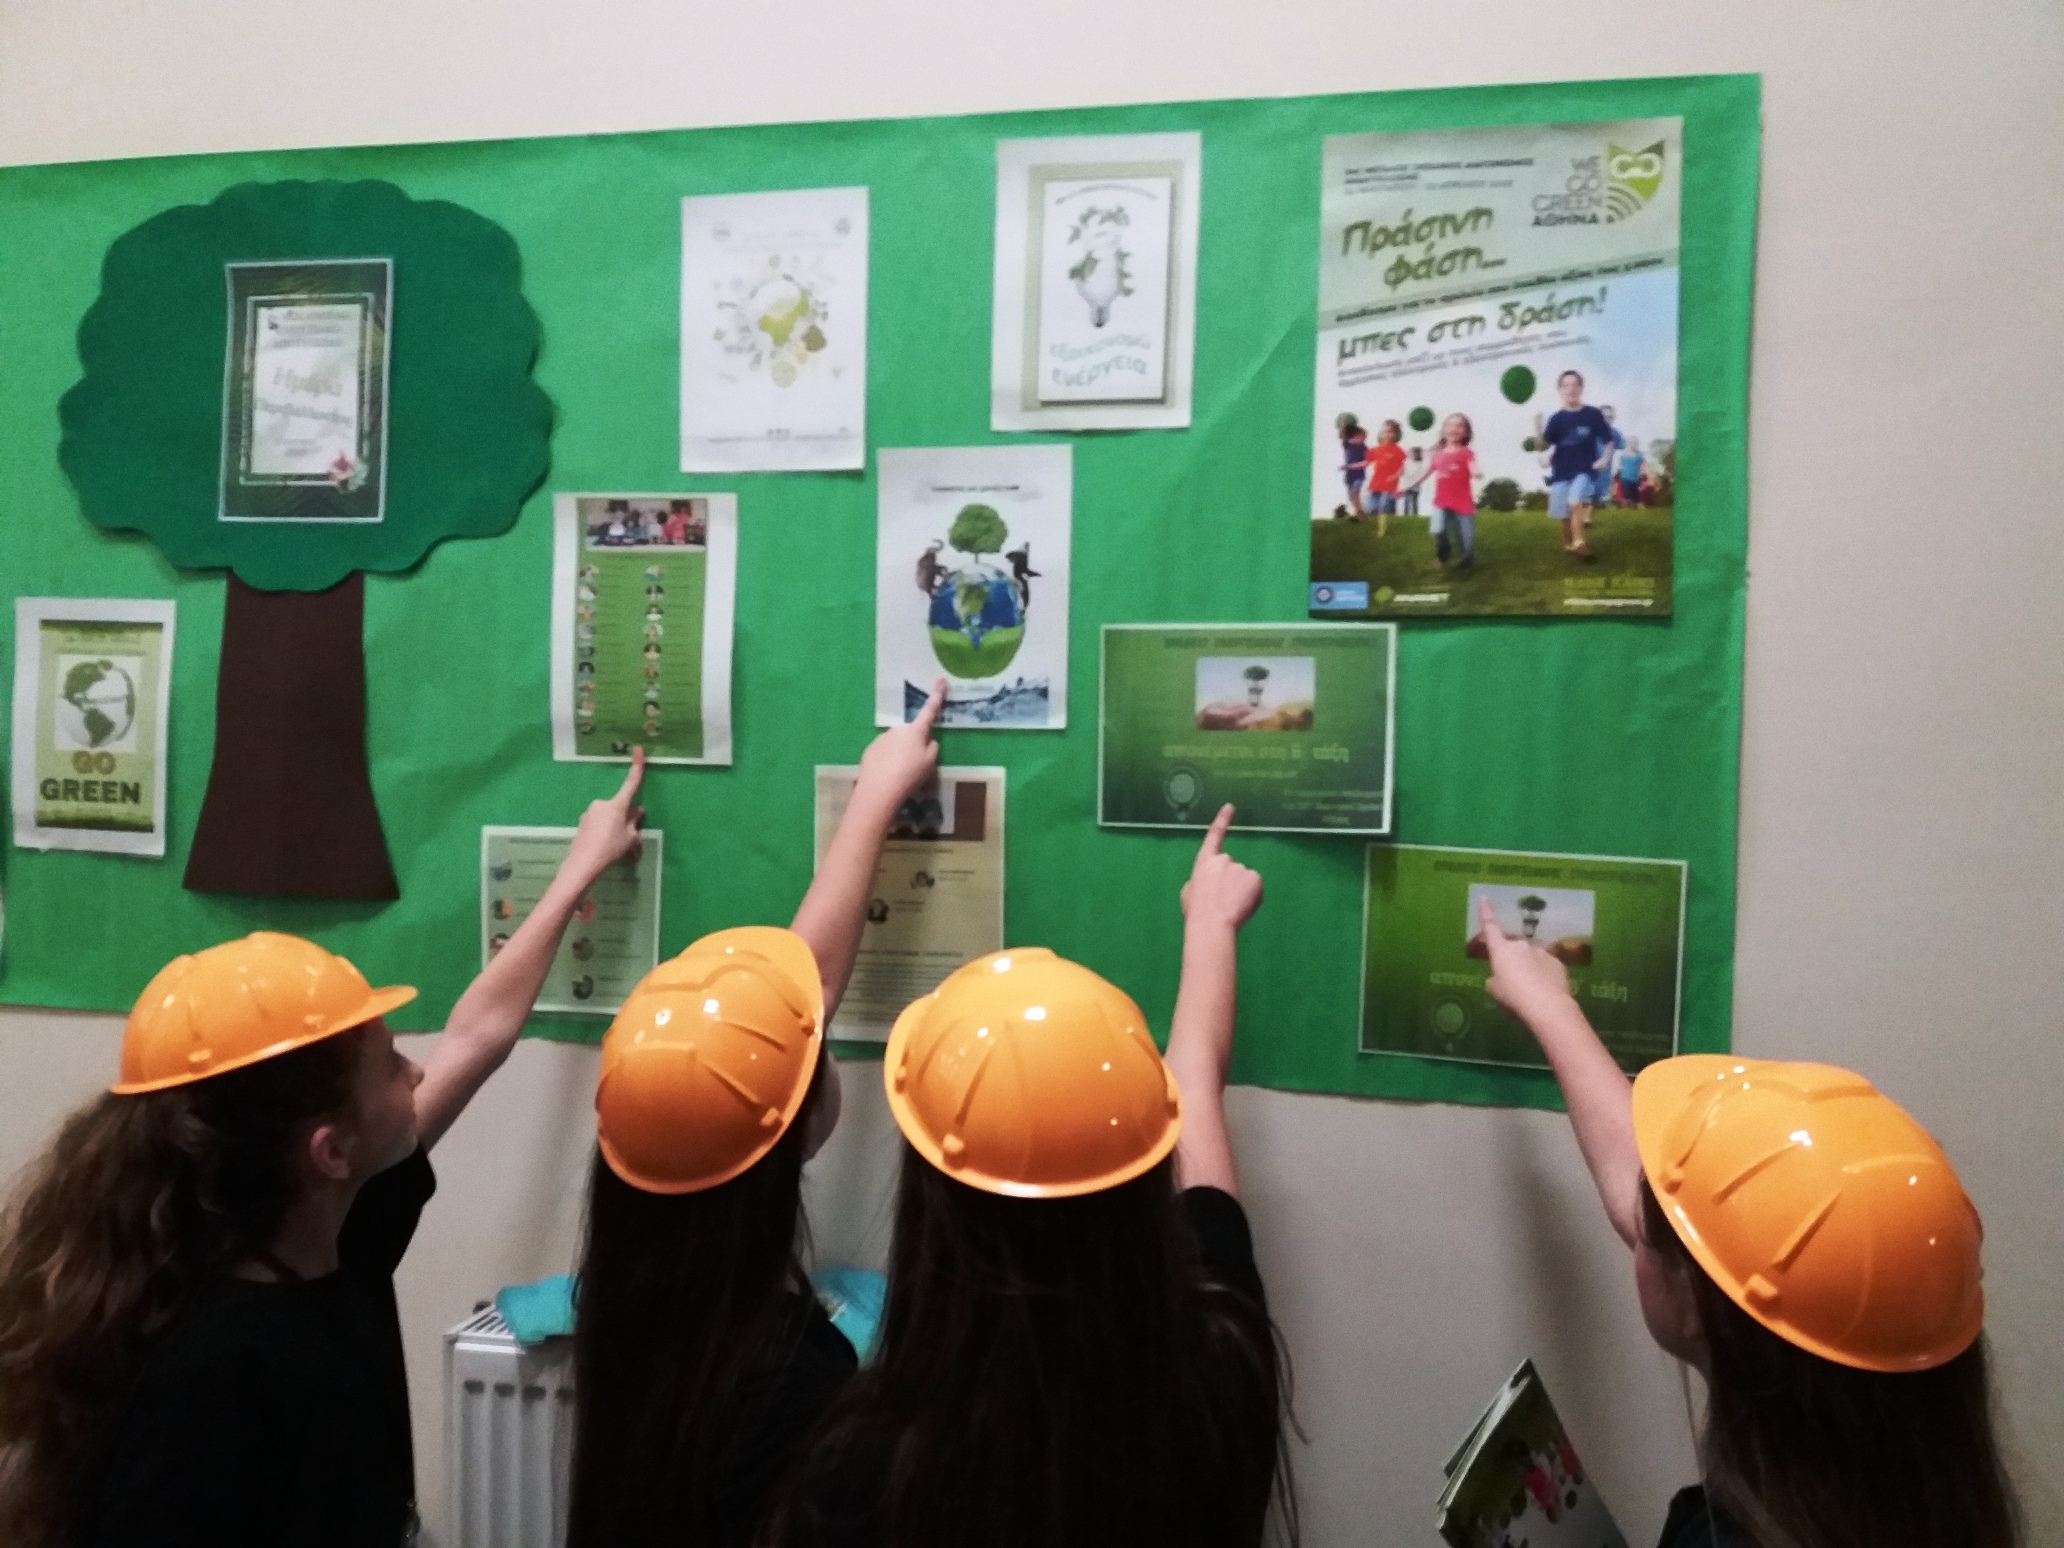 """Πώς η σχολική κοινότητα κινητοποιείται για το κλίμα στο πλαίσιο των """"κλιματικών σχολείων"""""""